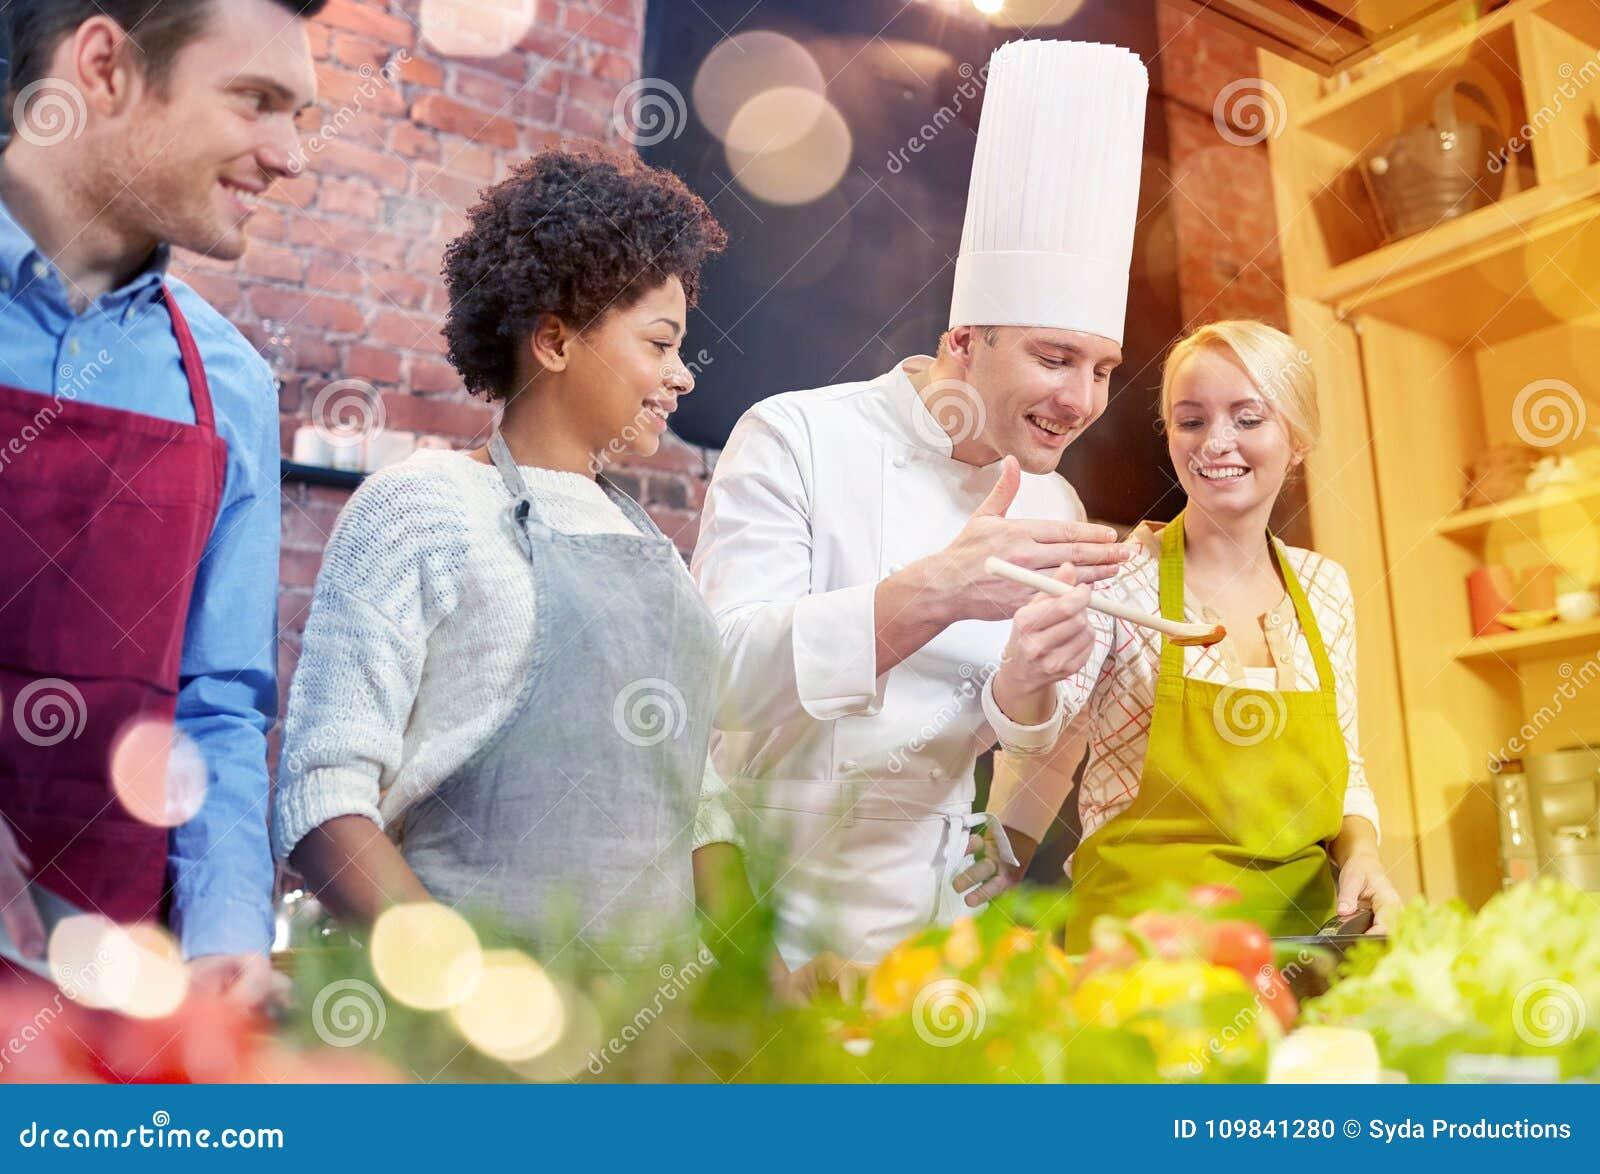 Cocinar Con Amigos   Los Amigos Y El Cocinero Felices Cocinan Cocinar En Cocina Foto De